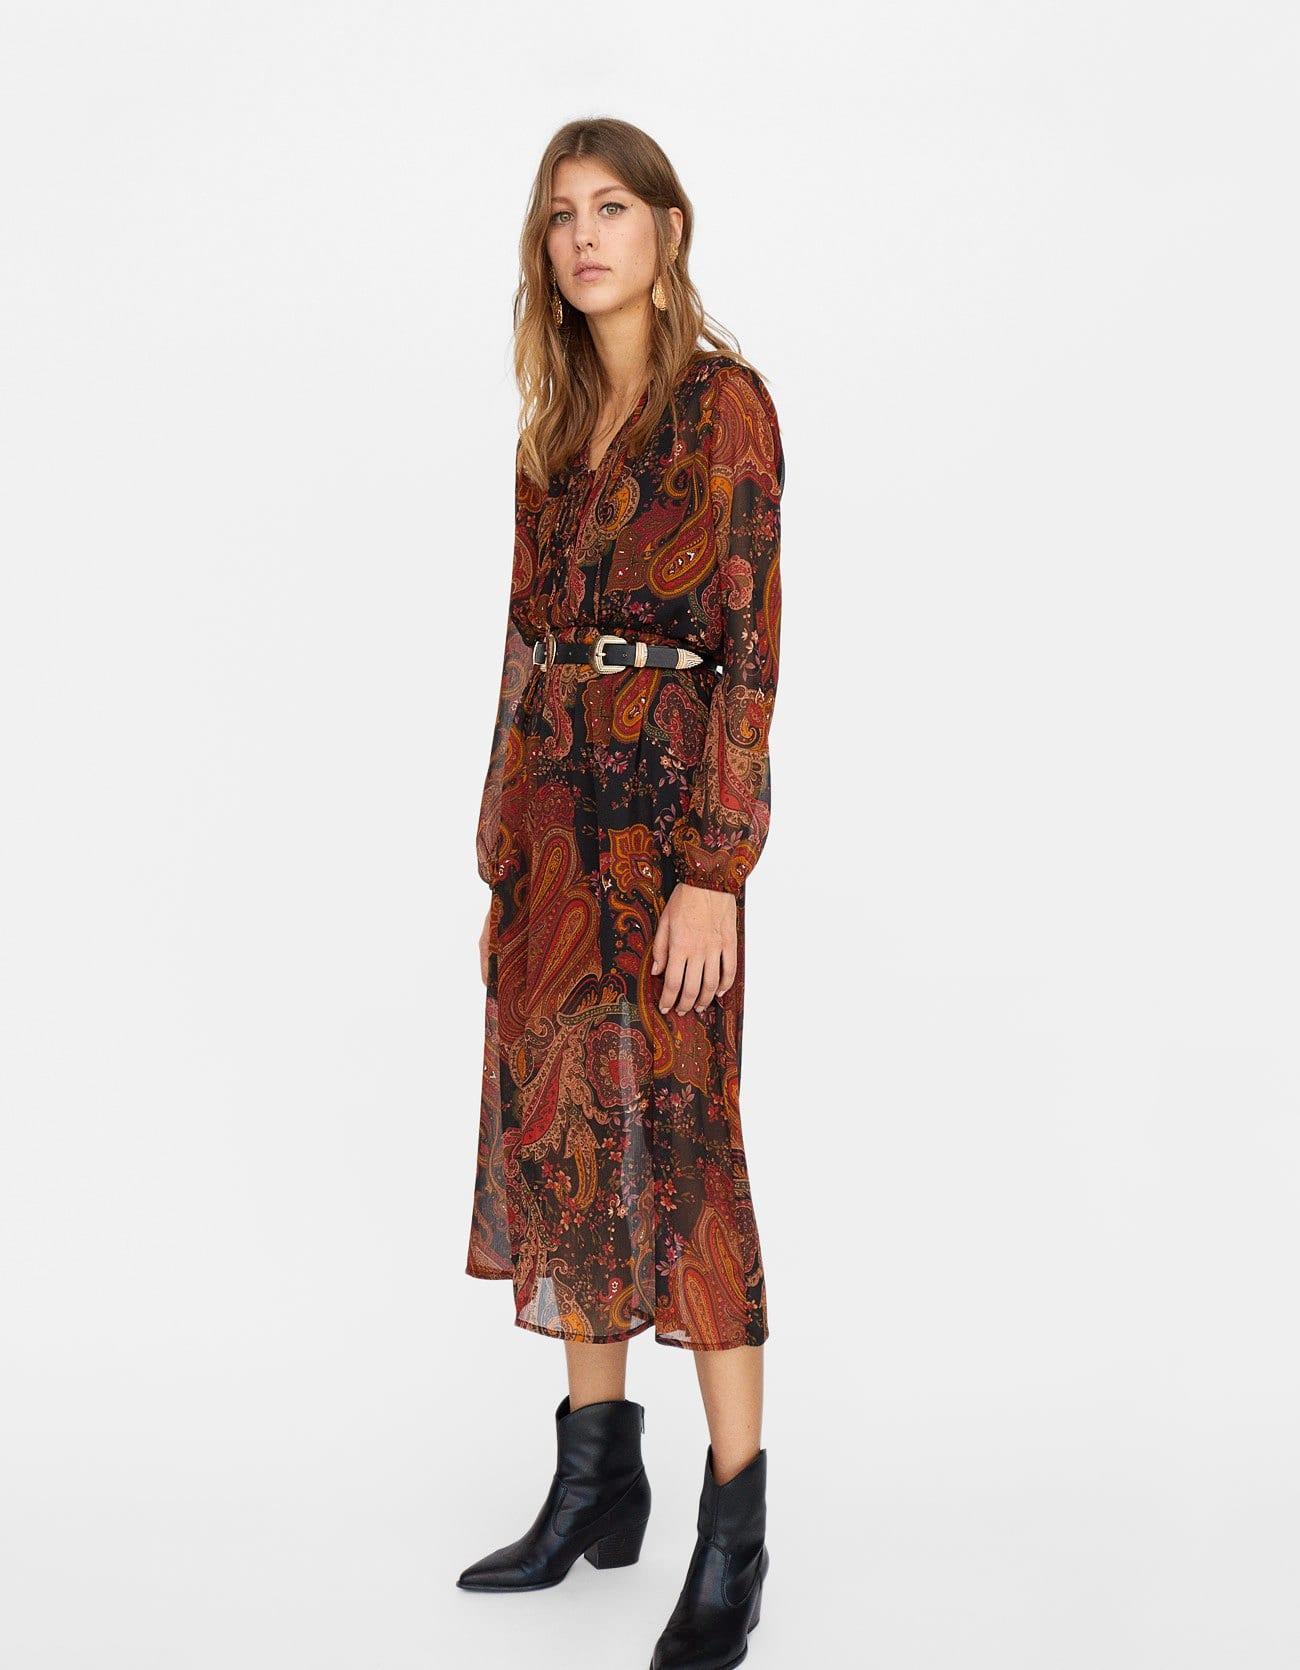 Vestito lungo con stampa paisley a 39,99 euro